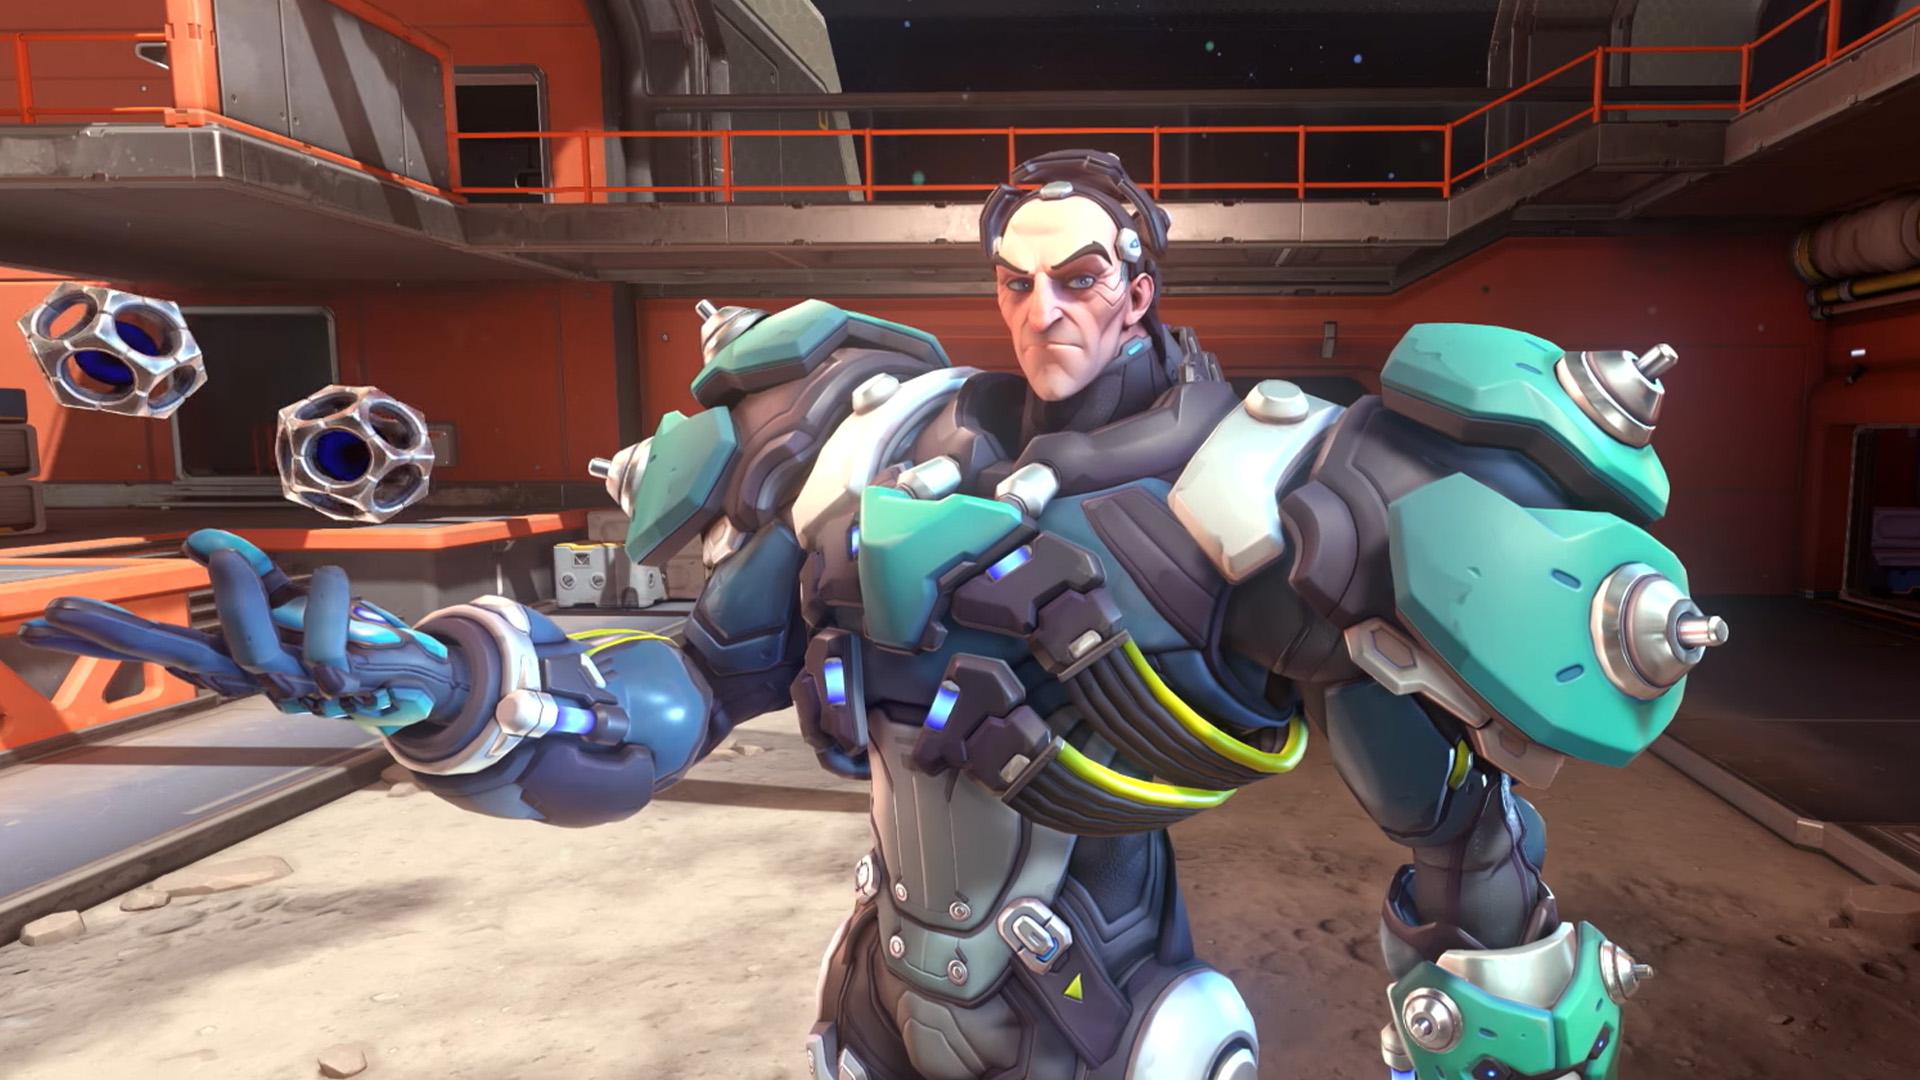 Le prochain héros d'Overwatch est Sigma, un physicien doté de capacités de contrôle de la gravité.